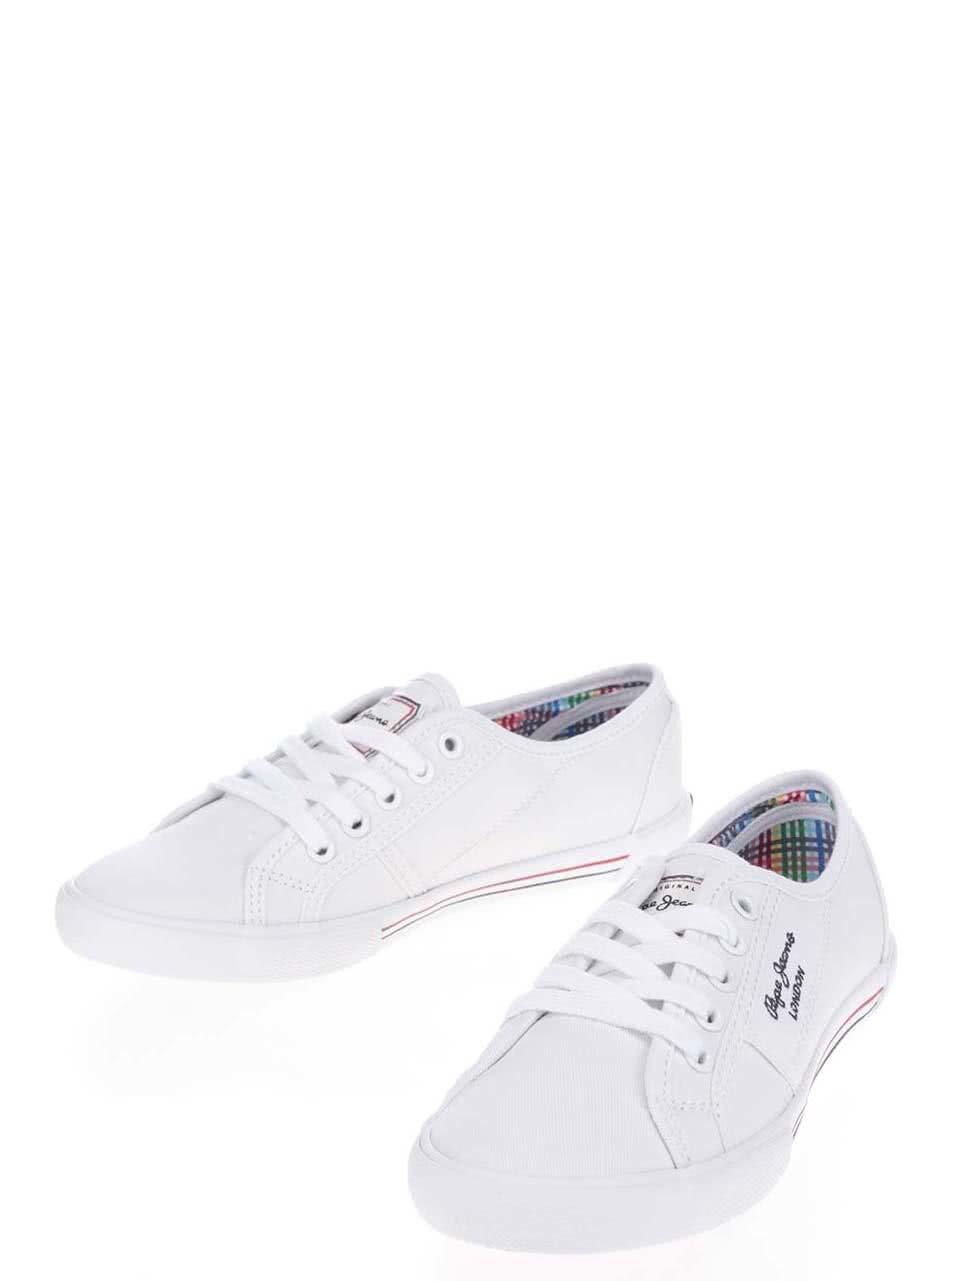 Bílé dámské tenisky Pepe Jeans Aberlady Basic ... c59dbd874a